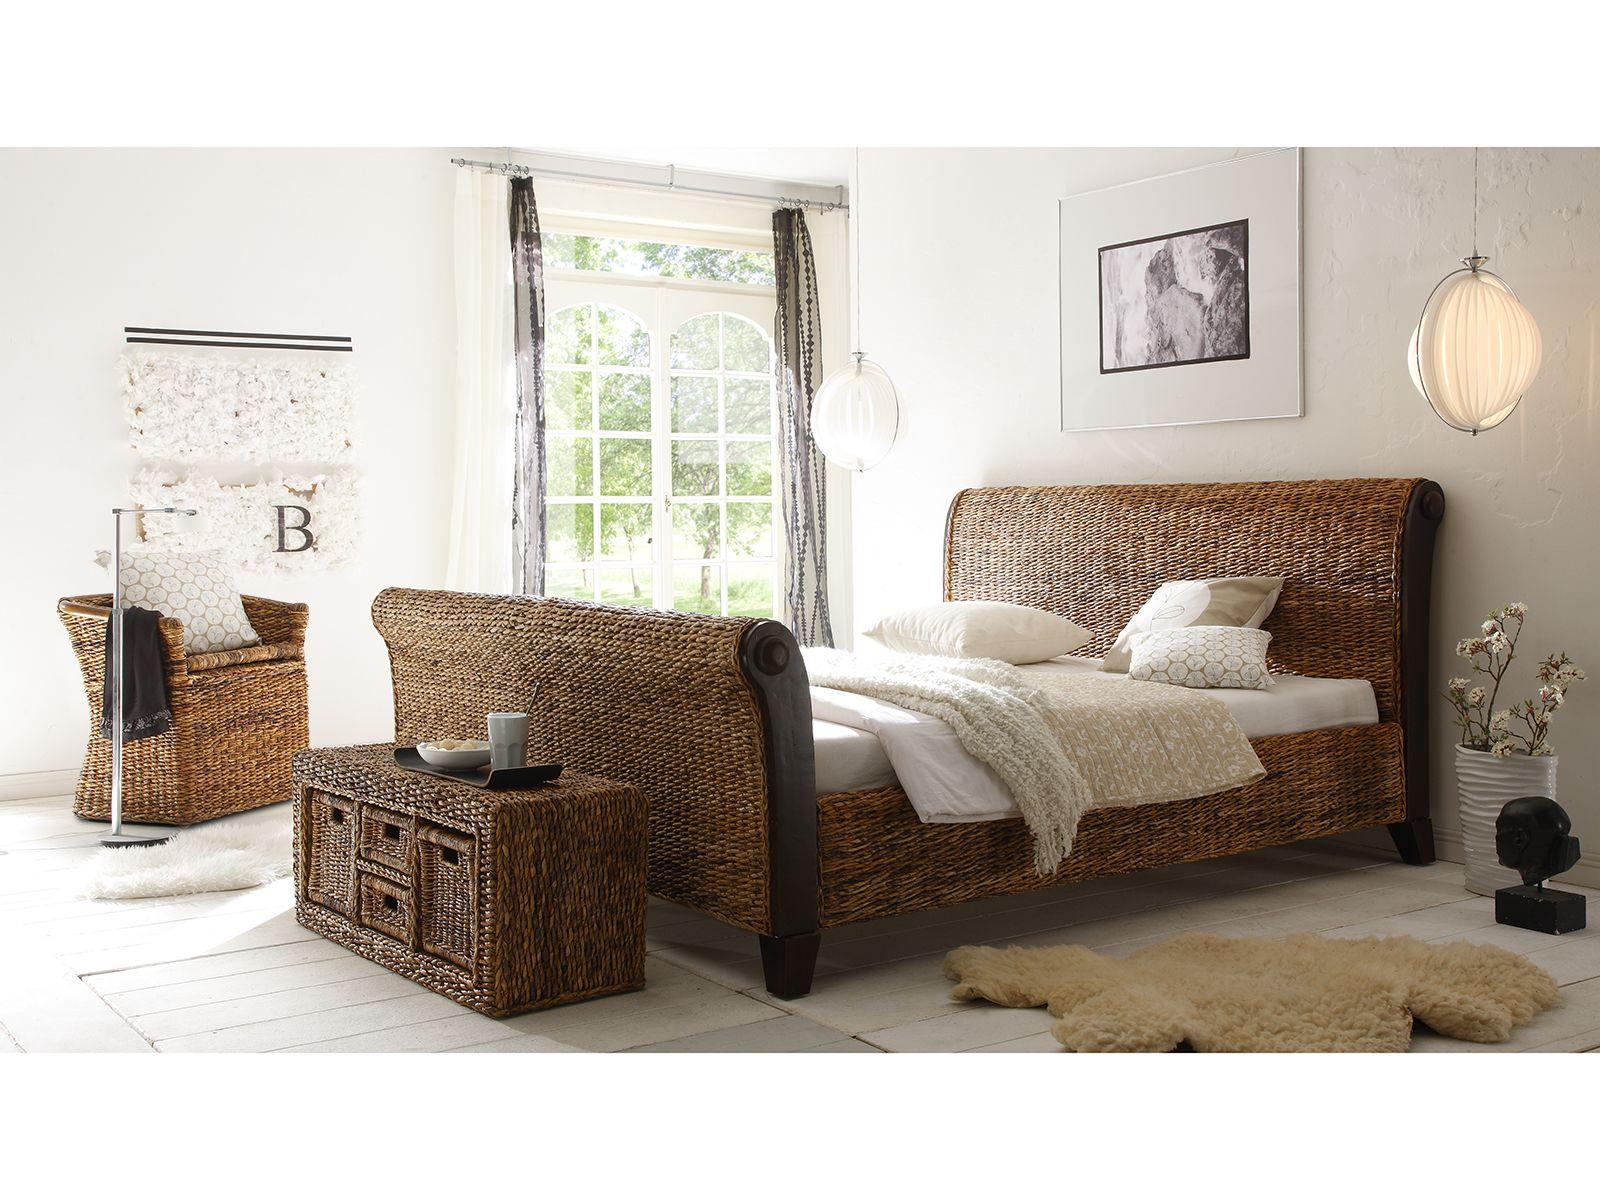 ra schlafzimmer einrichtungsideen by massivum echtholzm bel kreative wohnideen. Black Bedroom Furniture Sets. Home Design Ideas